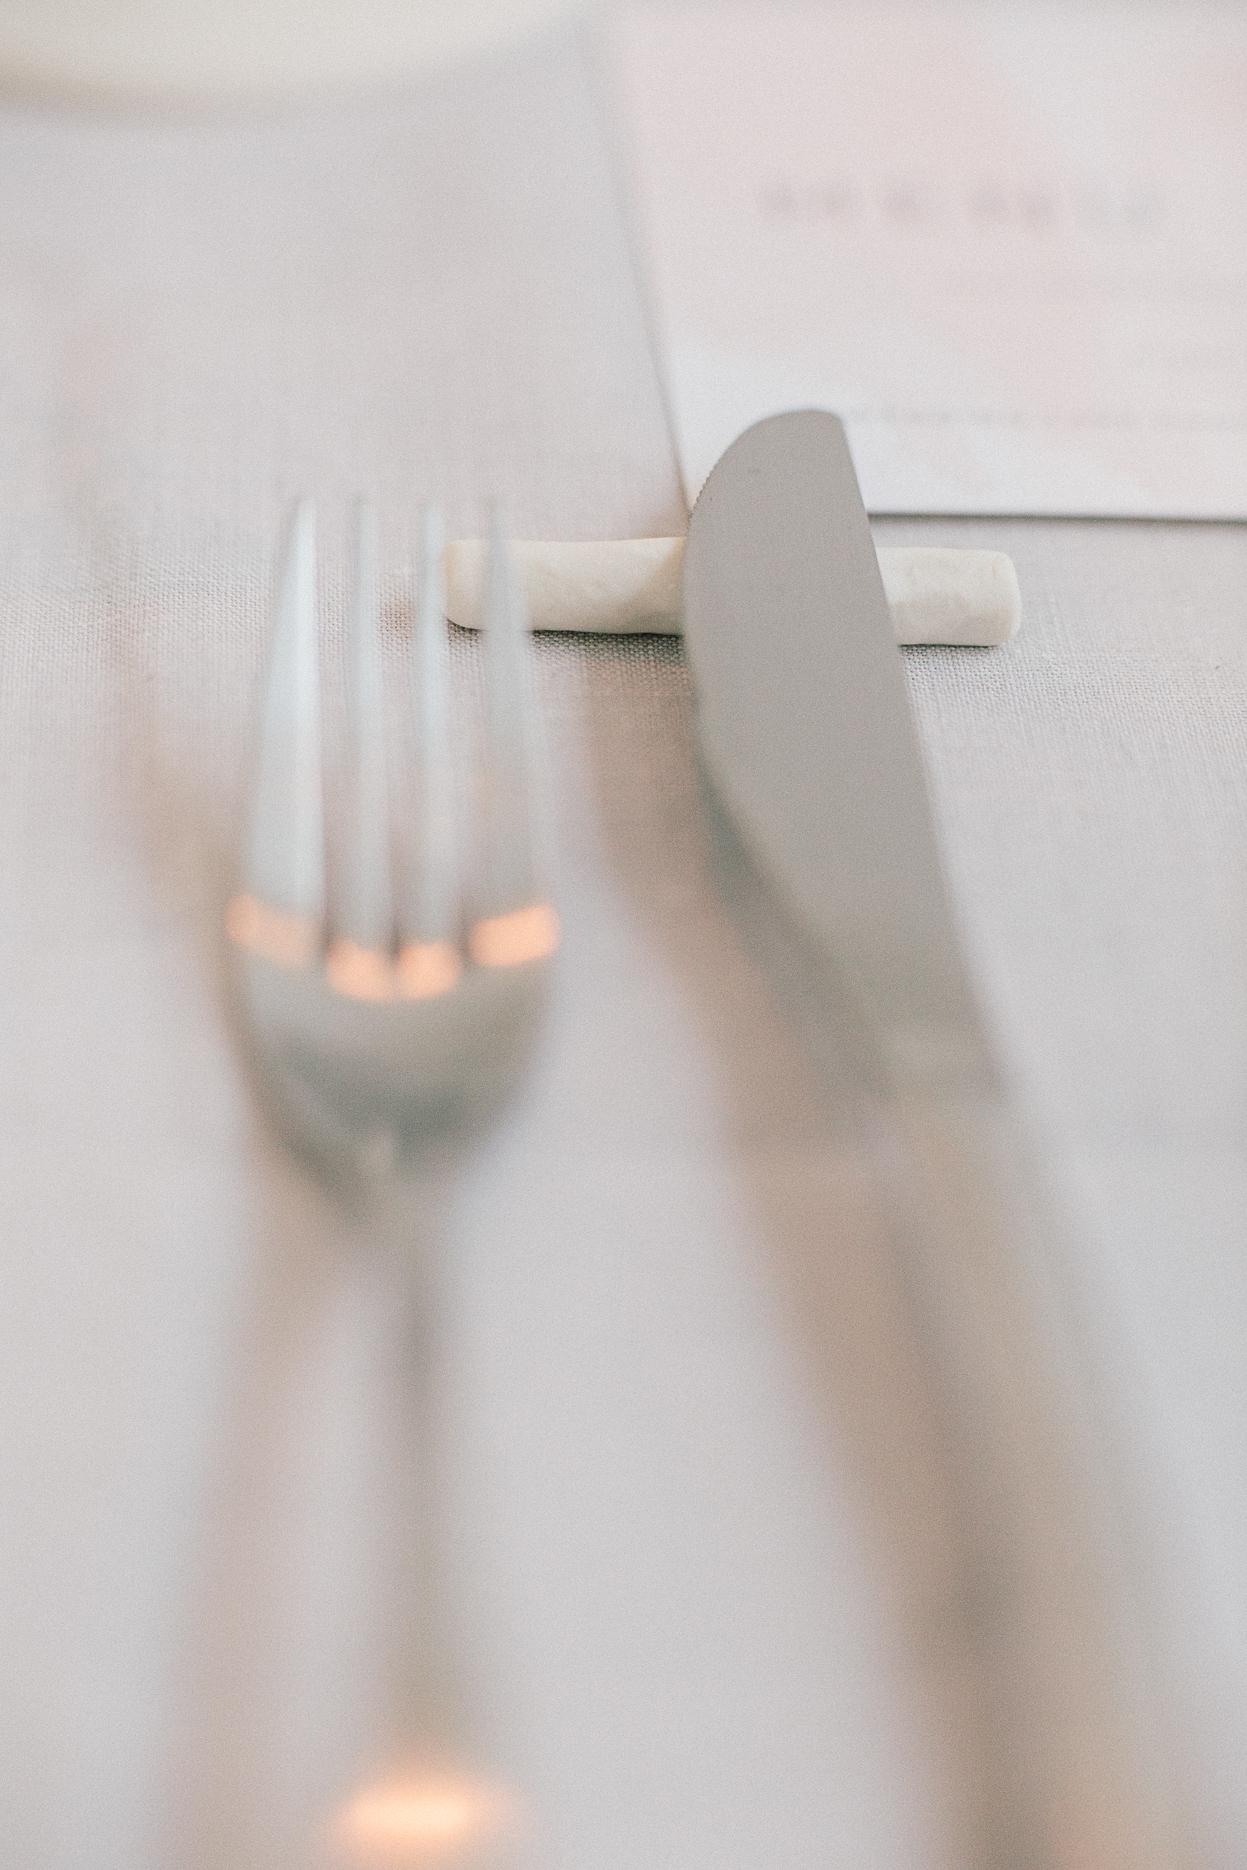 couvert et porte couteau moderne céramique decoration table mariage romantique minimalsite industriel